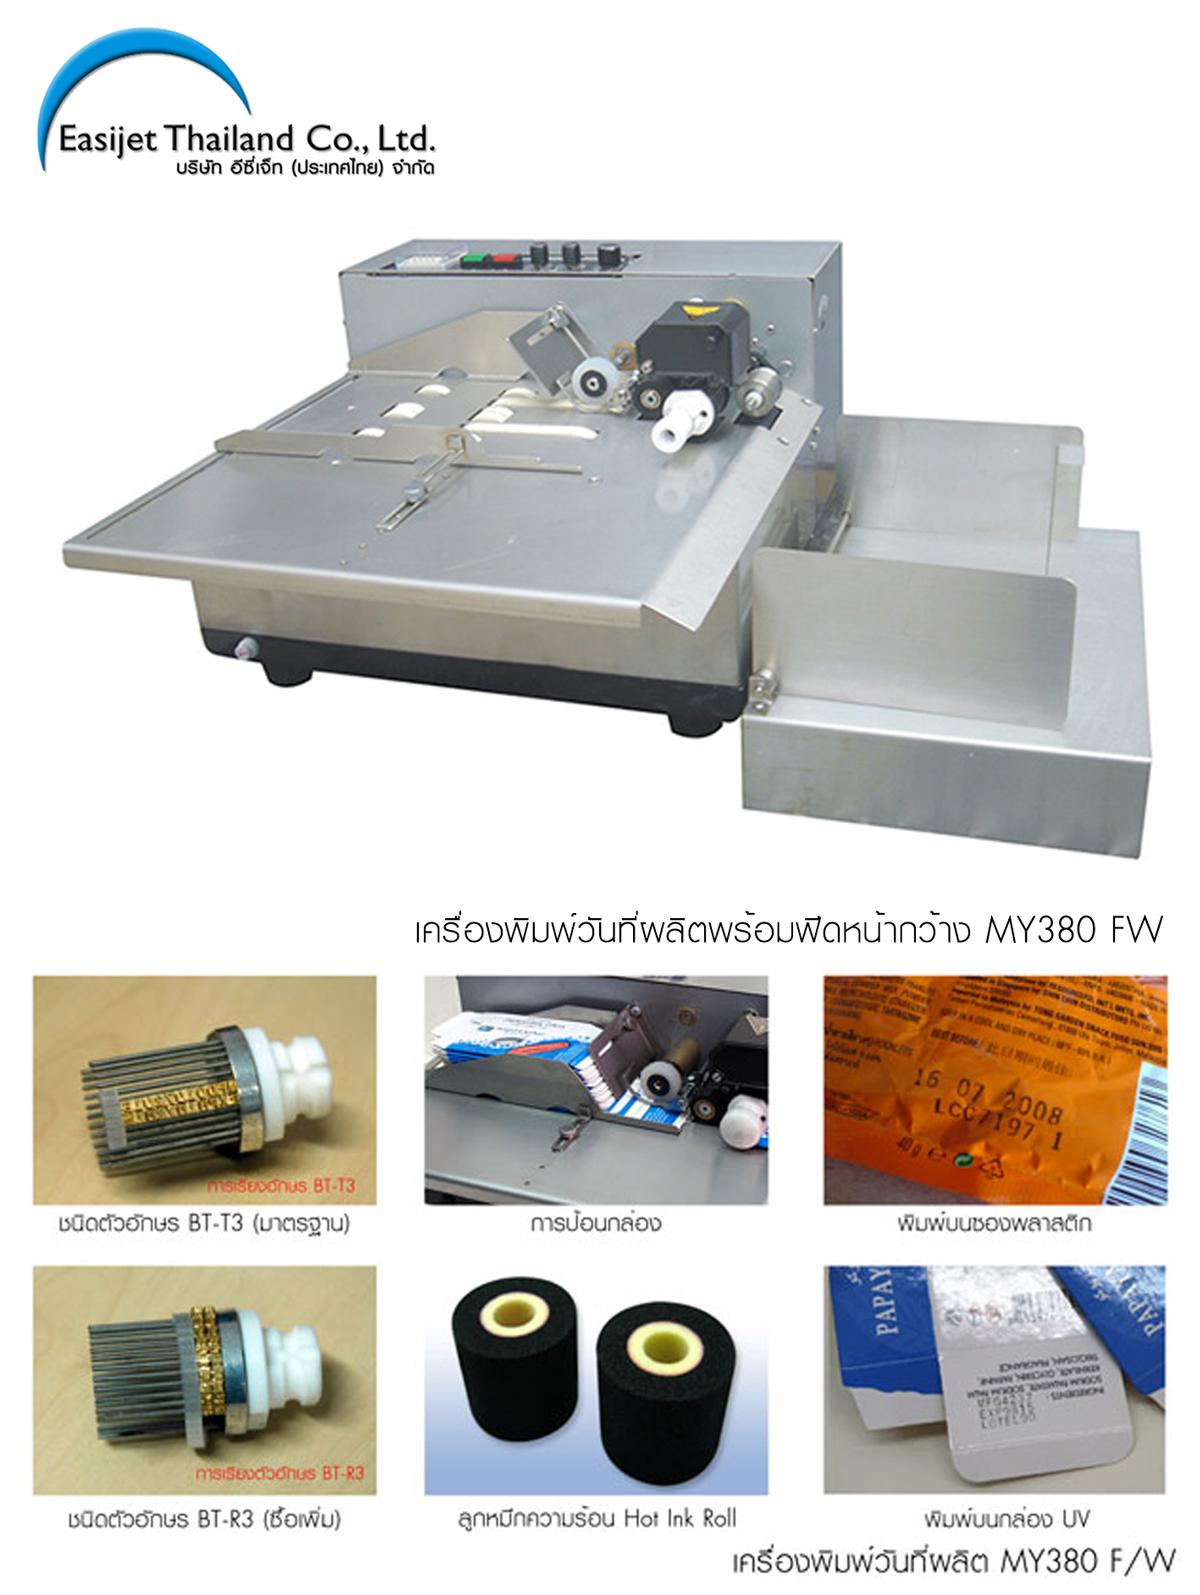 เครื่องพิมพ์วันที่ผลิต พร้อมฟีดกล่องหน้ากว้าง MY380 F/W เหมาะสำหรับงานฉลากกระดาษ หรือกล่องสี่เหลี่ยมจำนวนมาก